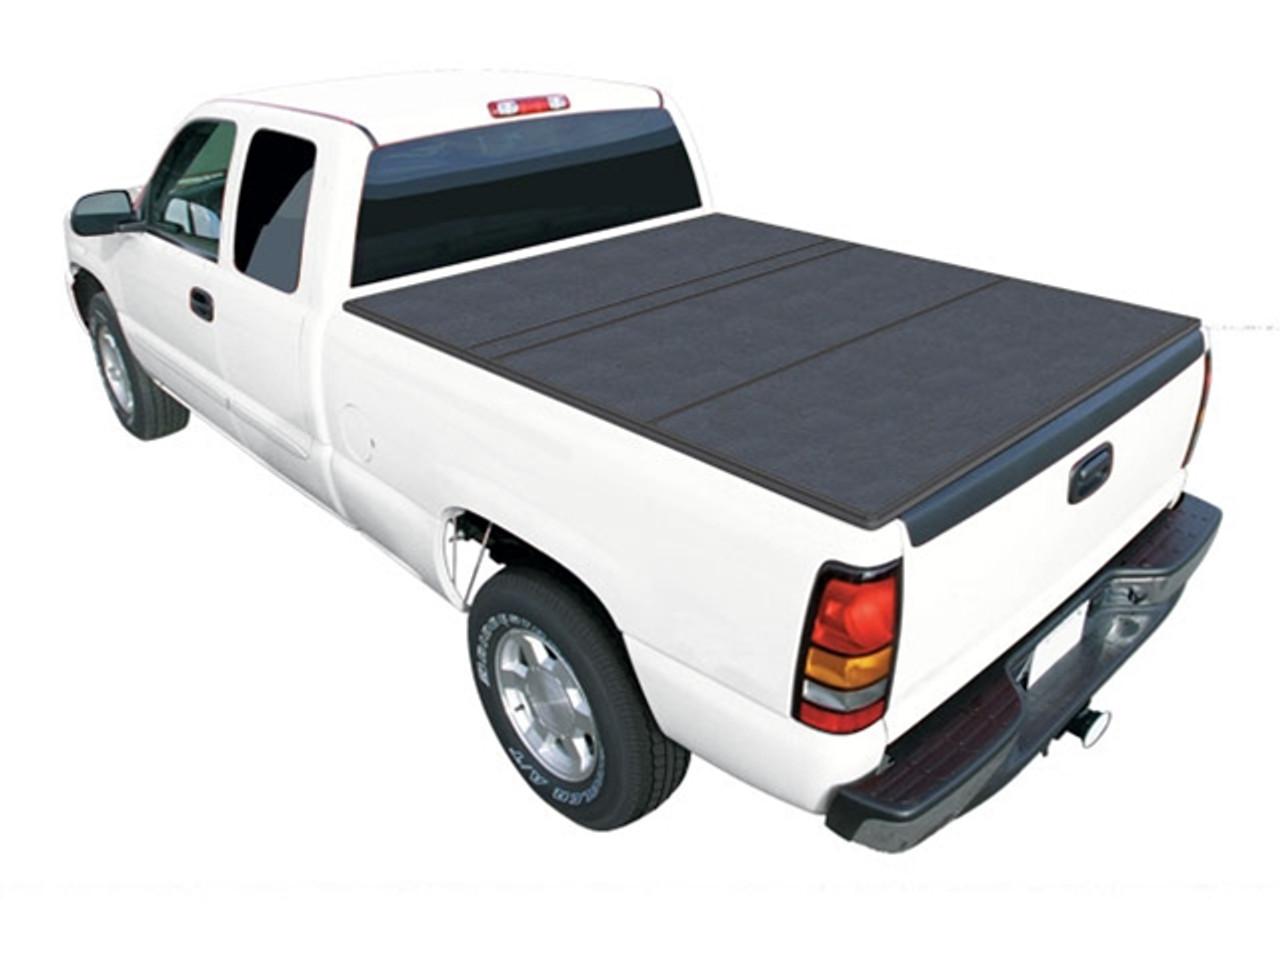 Rugged Liner 1994 2002 Dodge Ram 6 5 Bed Hard Folding Tonneau Bed